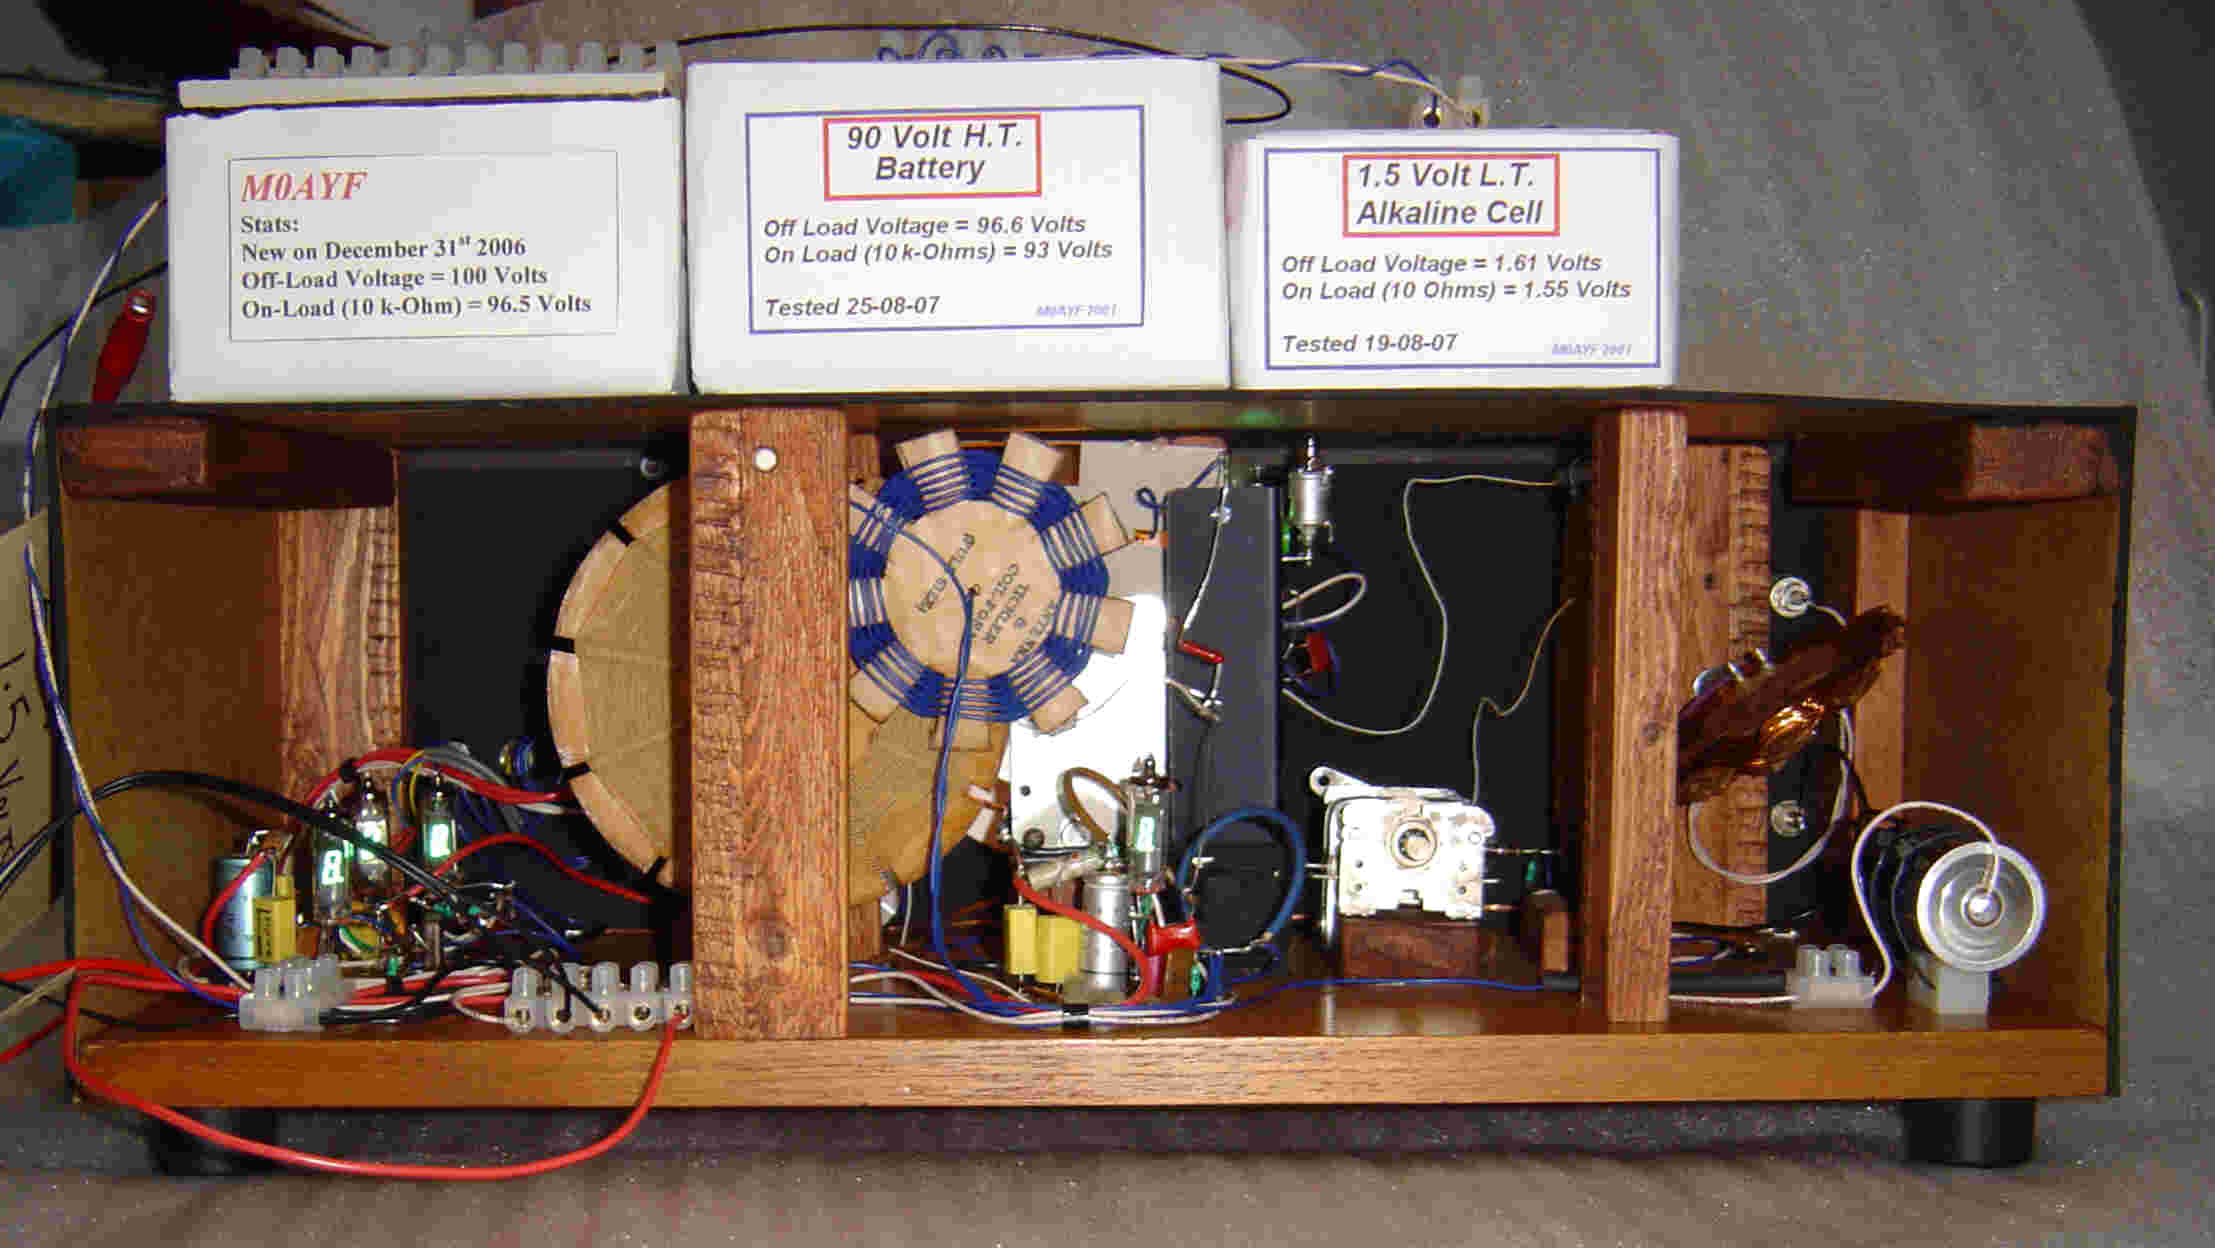 Vfd Regen Variableresistorcontrolled Regenerative Receiver Circuit Diagram Another Image Of Radio